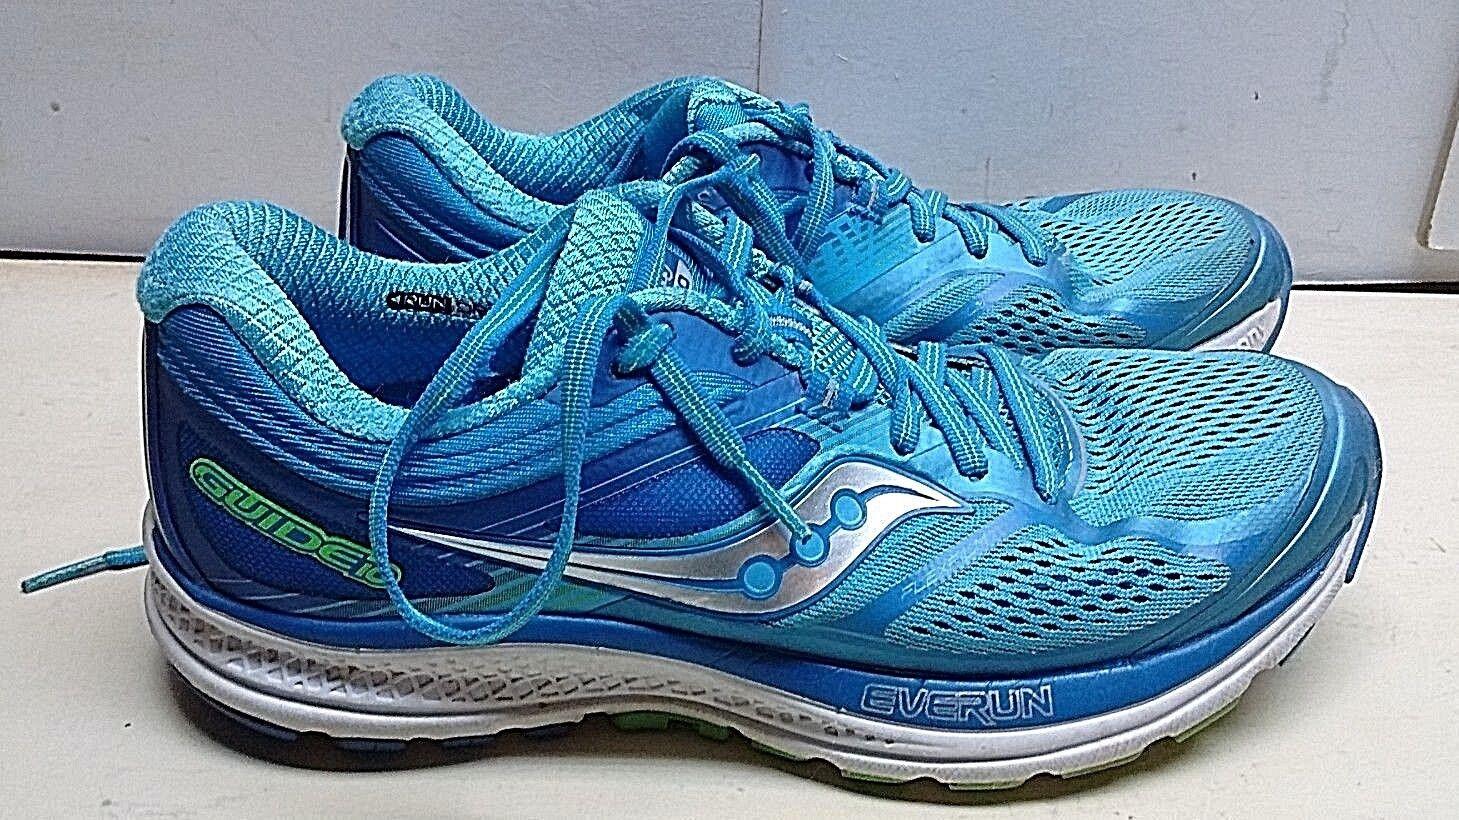 Saucony Guide10 Textile  Blue Sport Lace Athletic Sneaker Women's Shoes 9.5 M 41